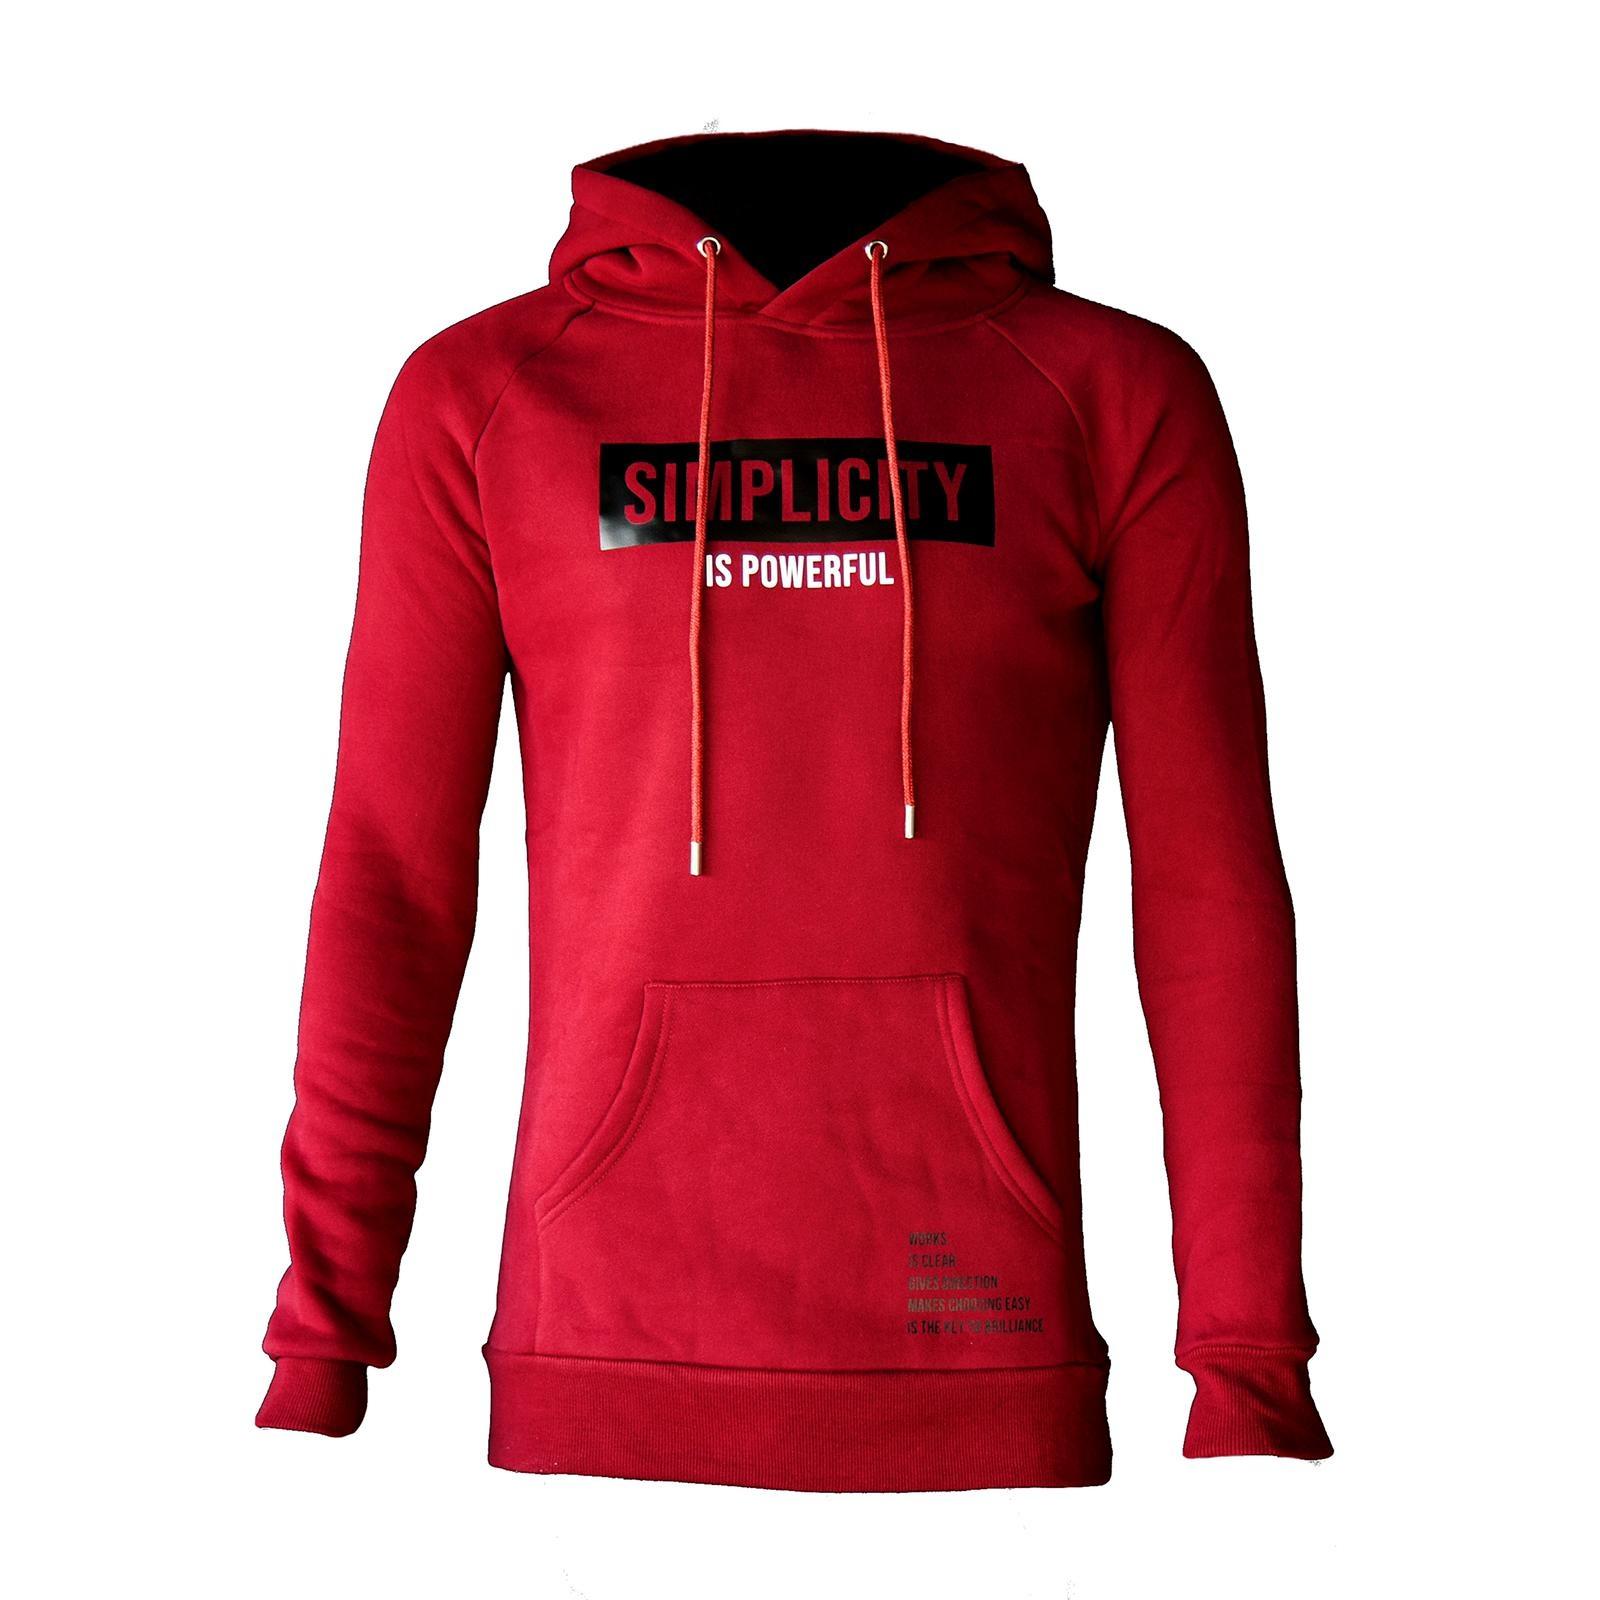 Simplicity Hoodie Red